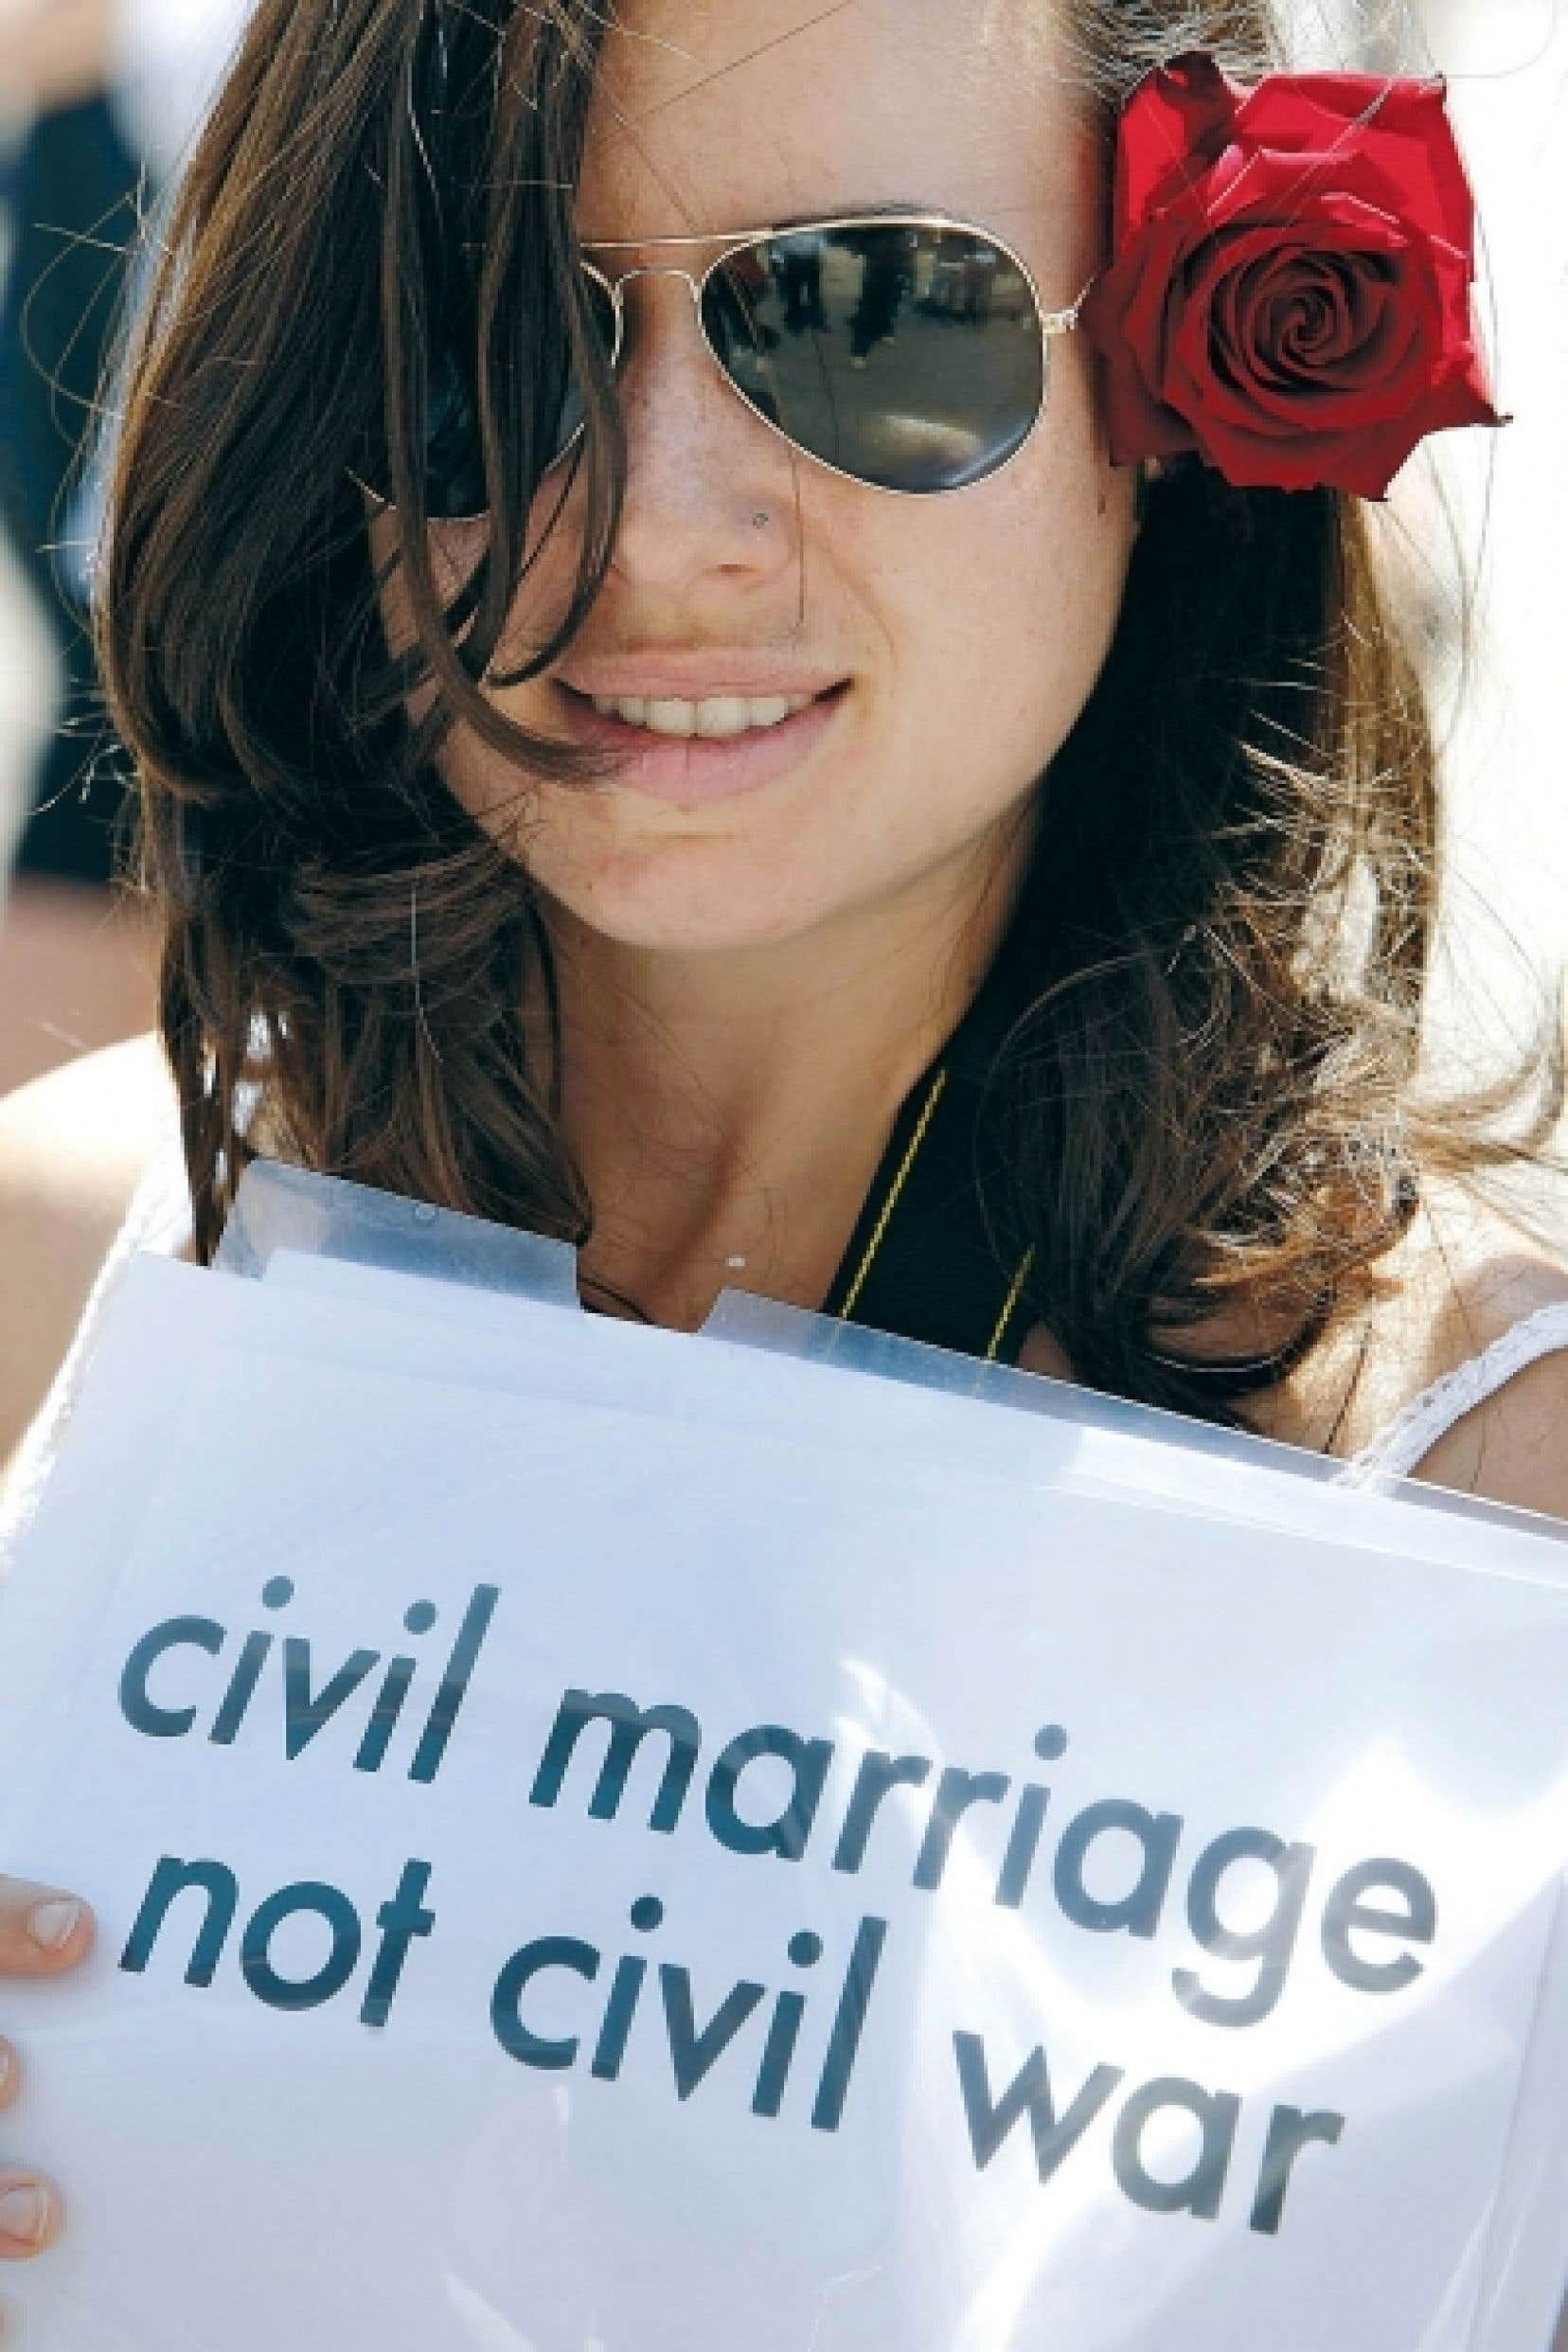 Une manifestante libanaise hier: «Le mariage civil, pas la guerre civile.»